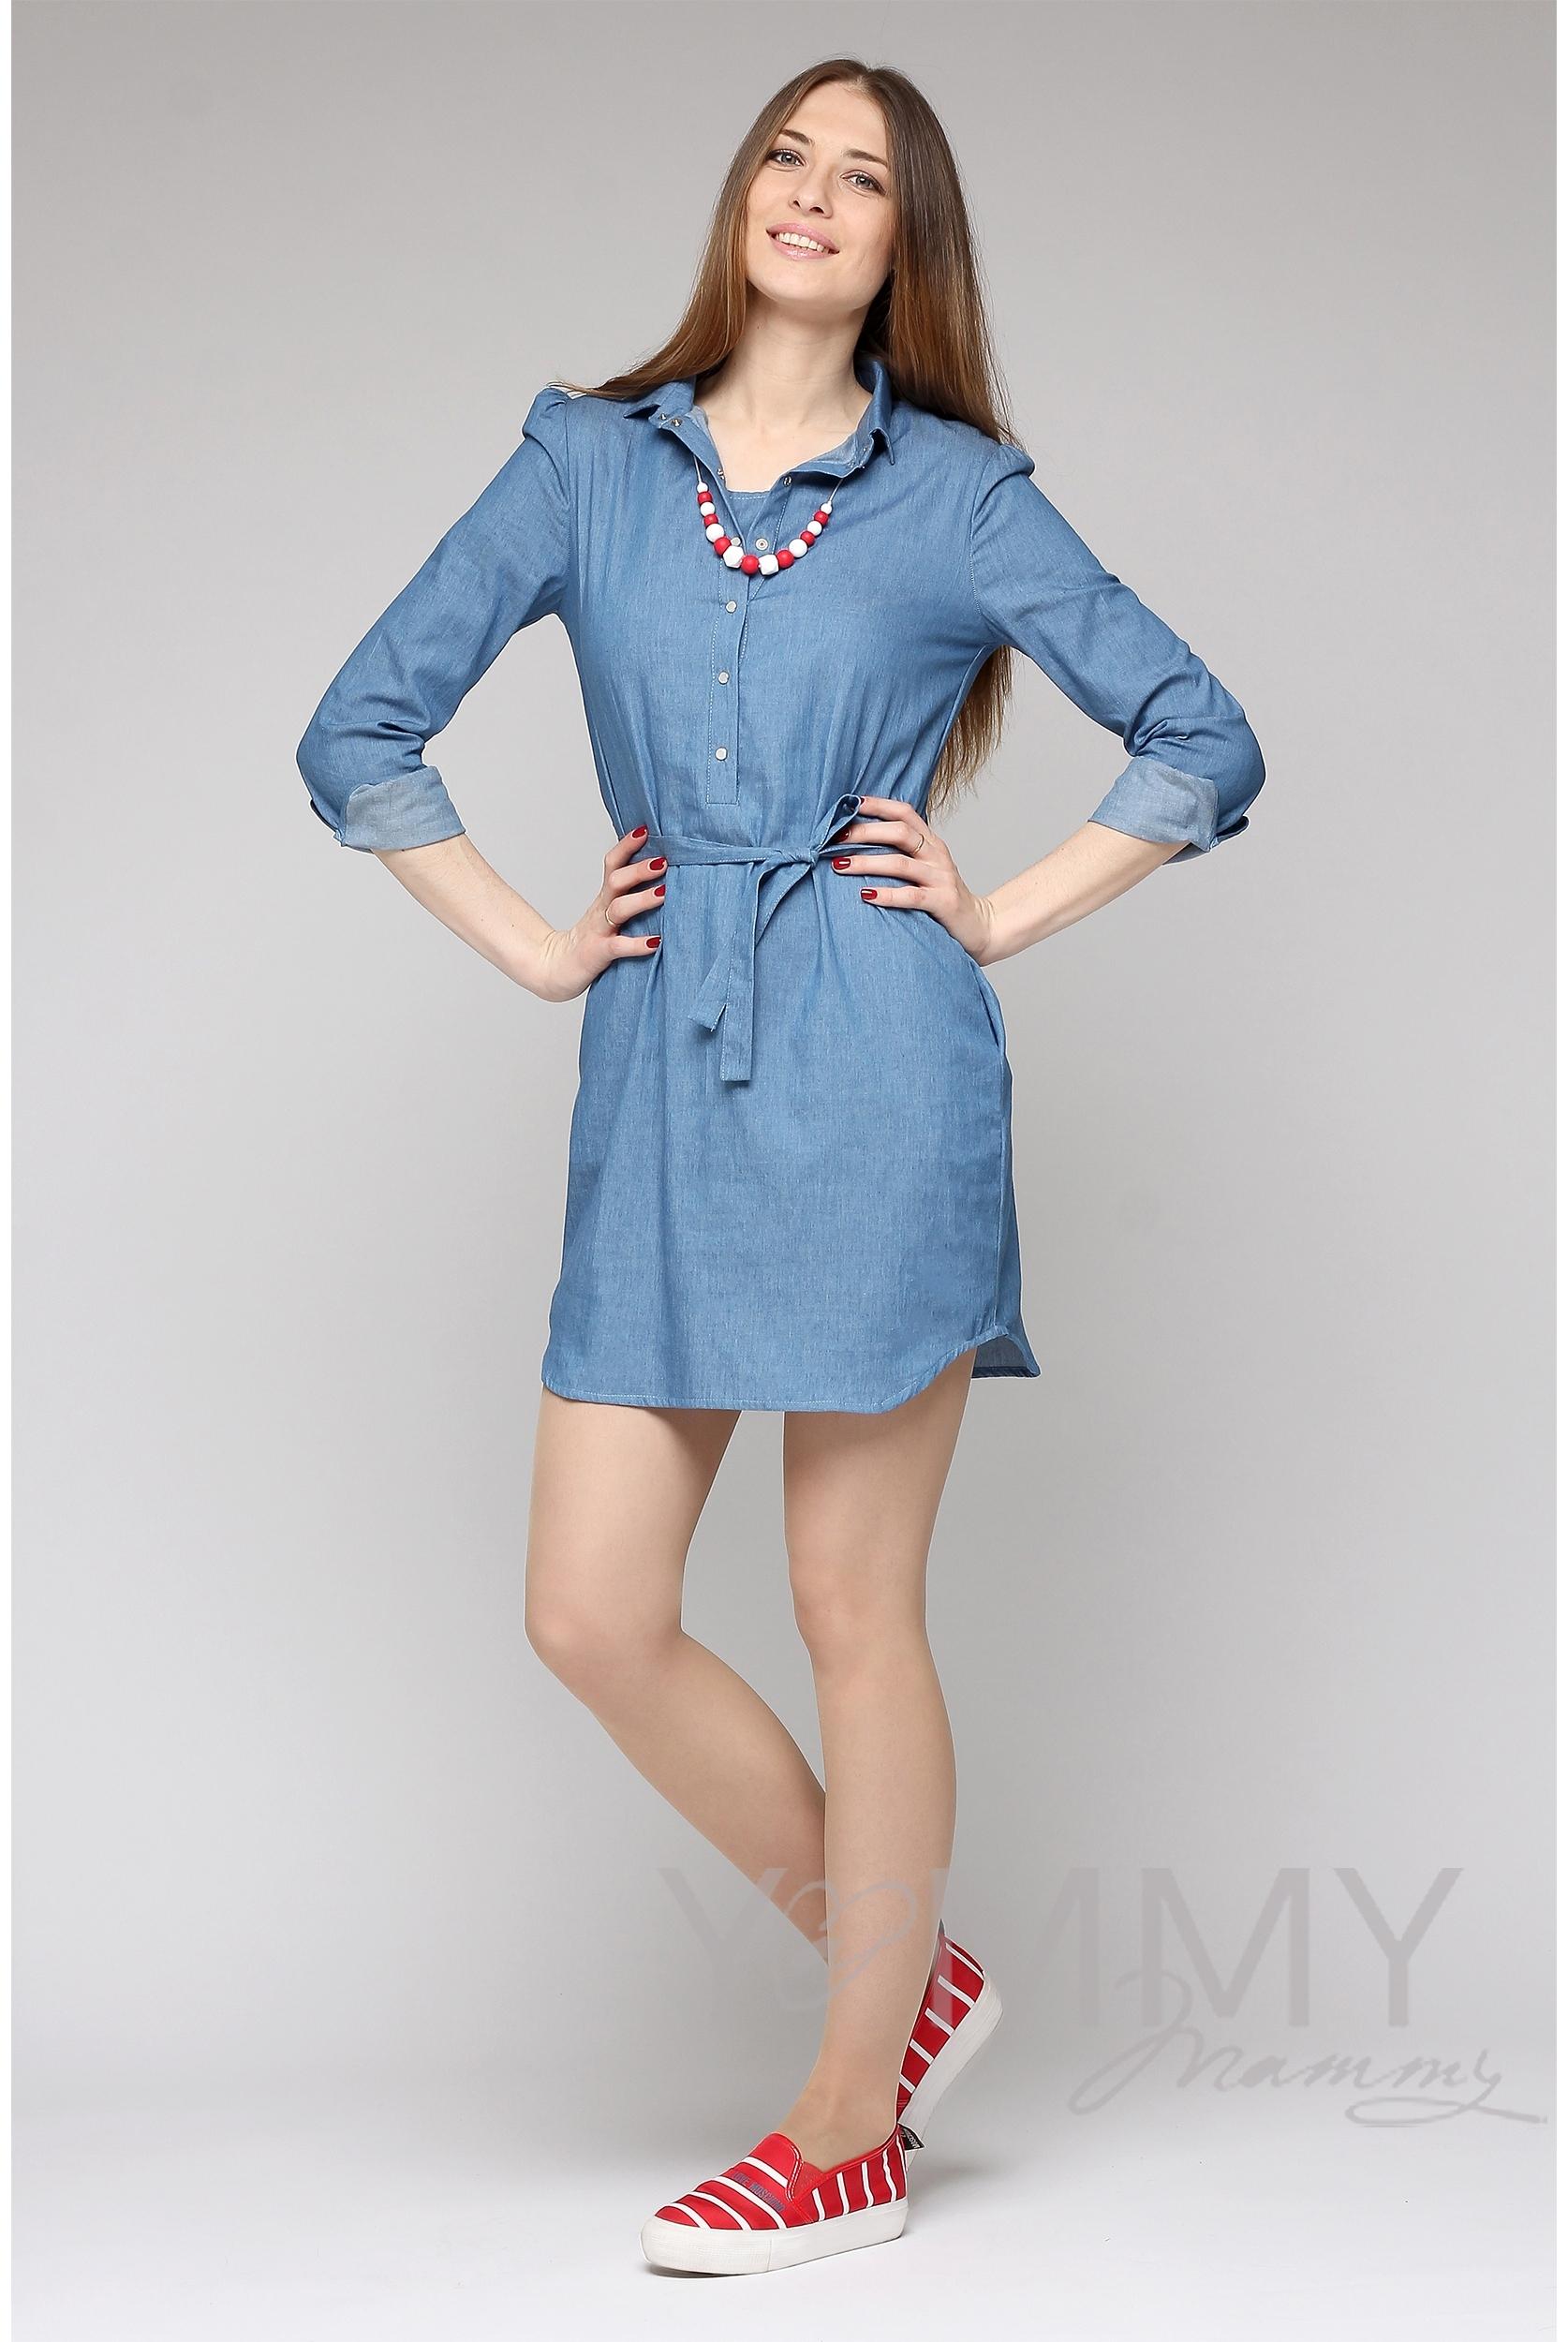 98405daaeab8535 Платье-рубашка для беременных и кормящих, джинсовое СКИДКА - купить ...